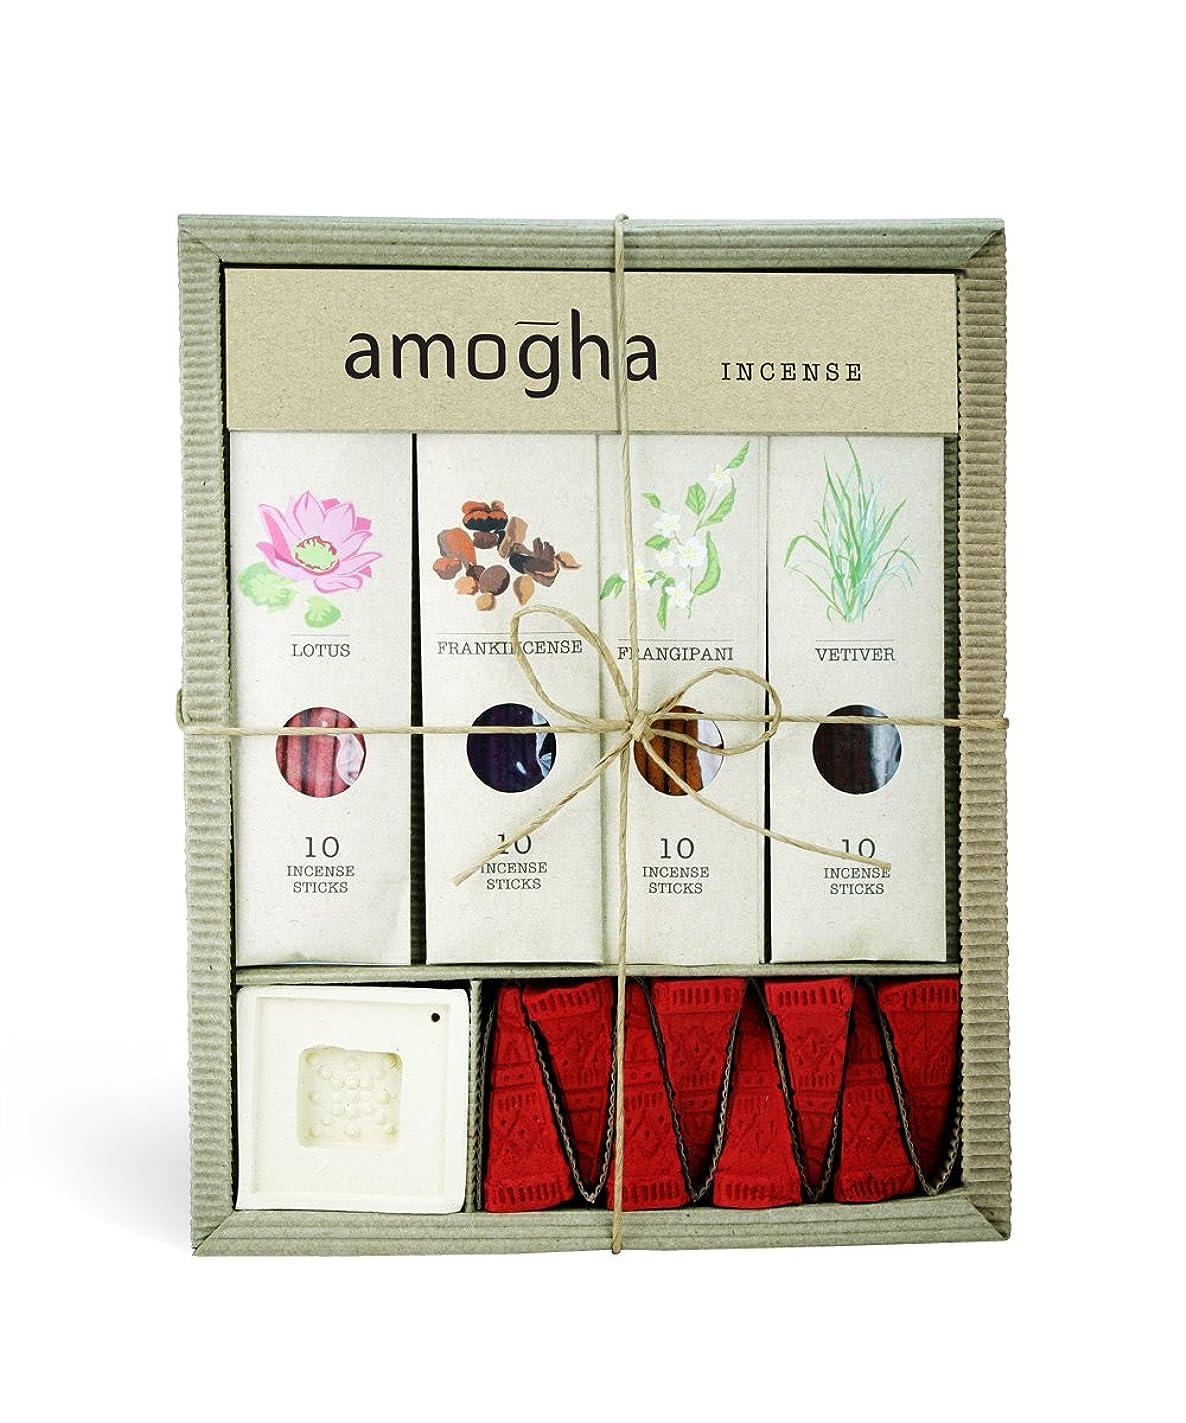 揮発性劇的好戦的なIris Amogha Incense with 10 Sticks - Lotus, Frankincense, Frangipani & Vetiver Gift Set